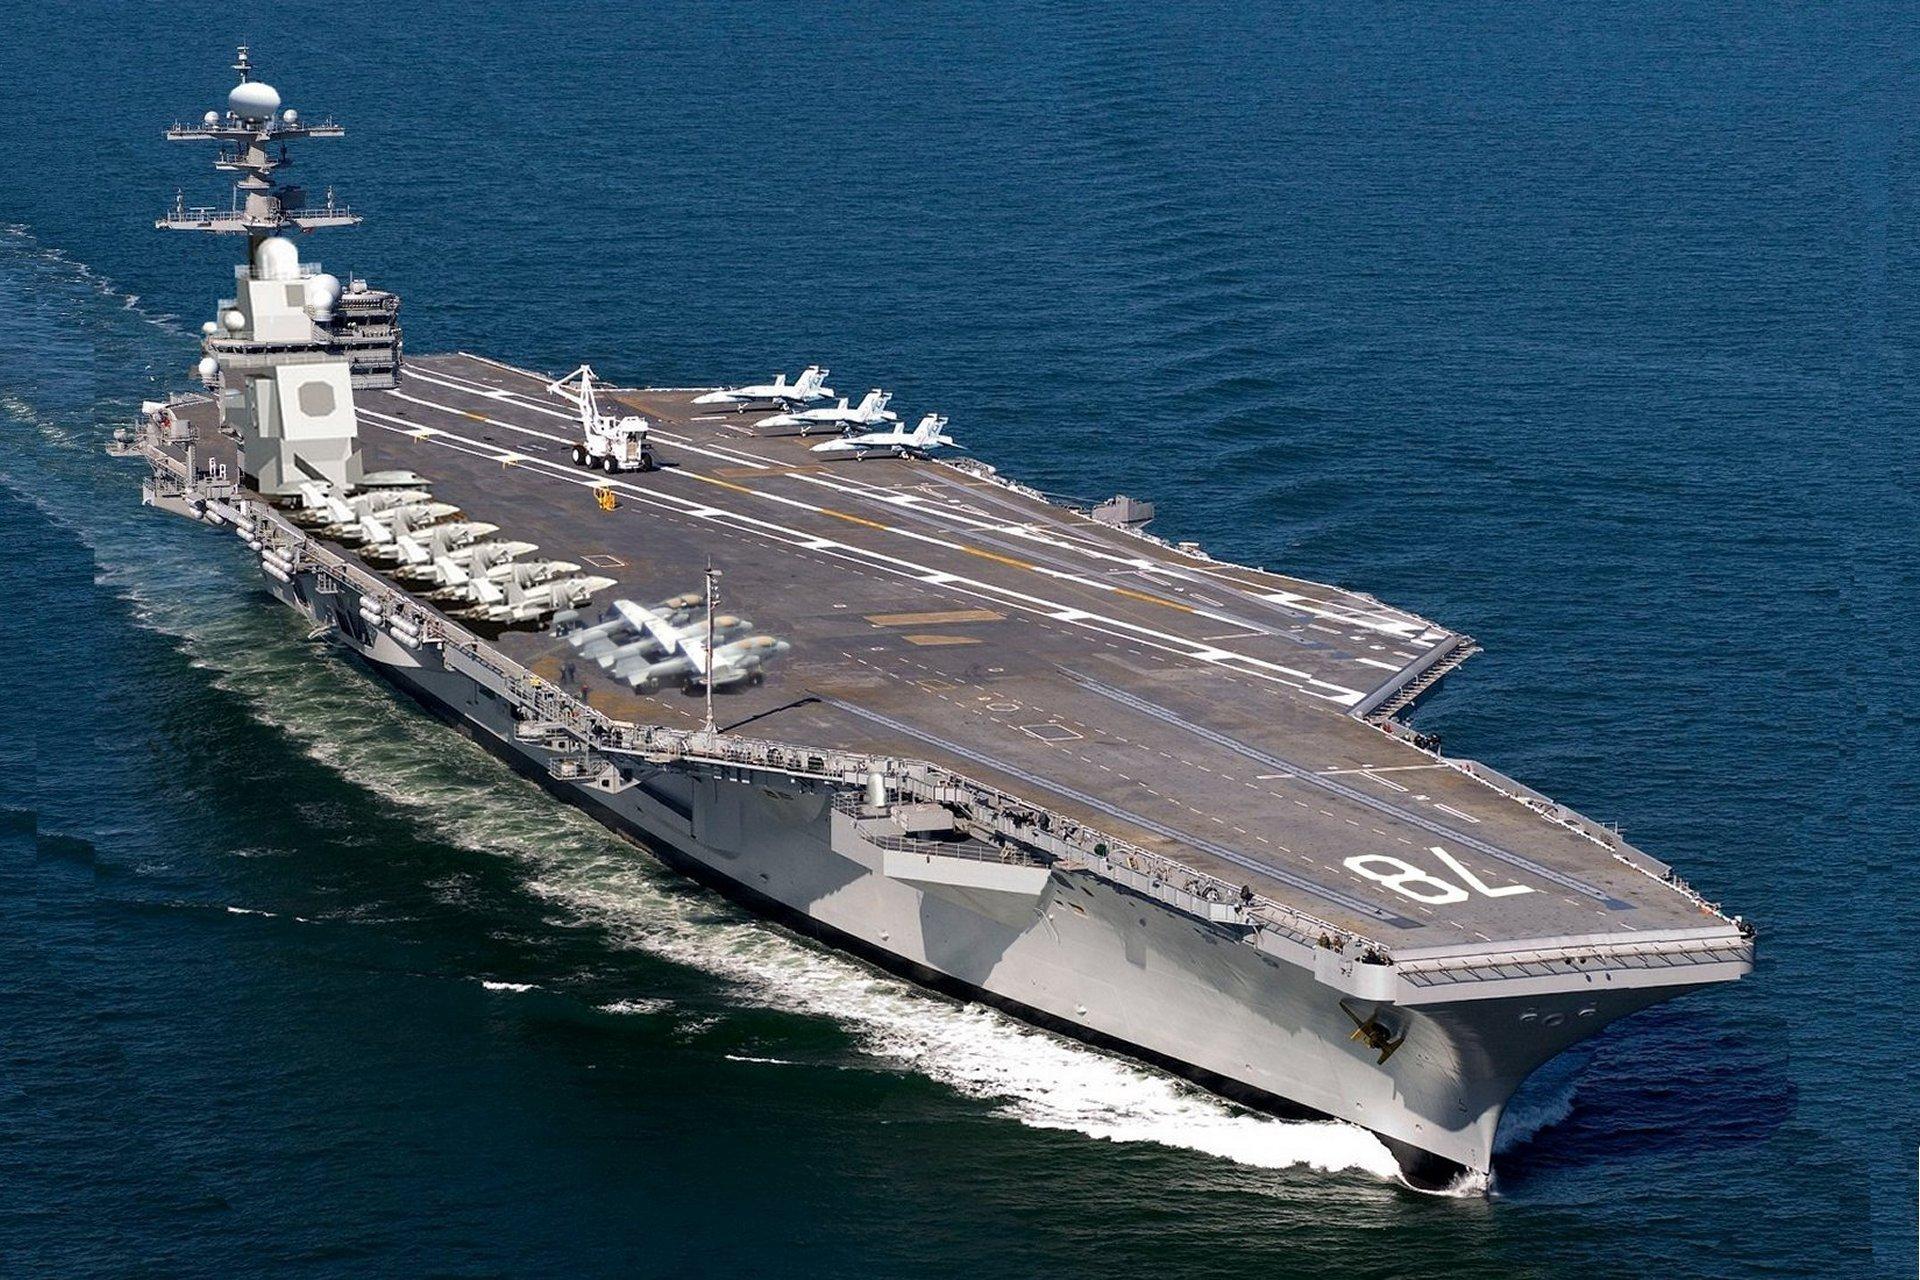 USS Gerald Ford carrier - $38 billion